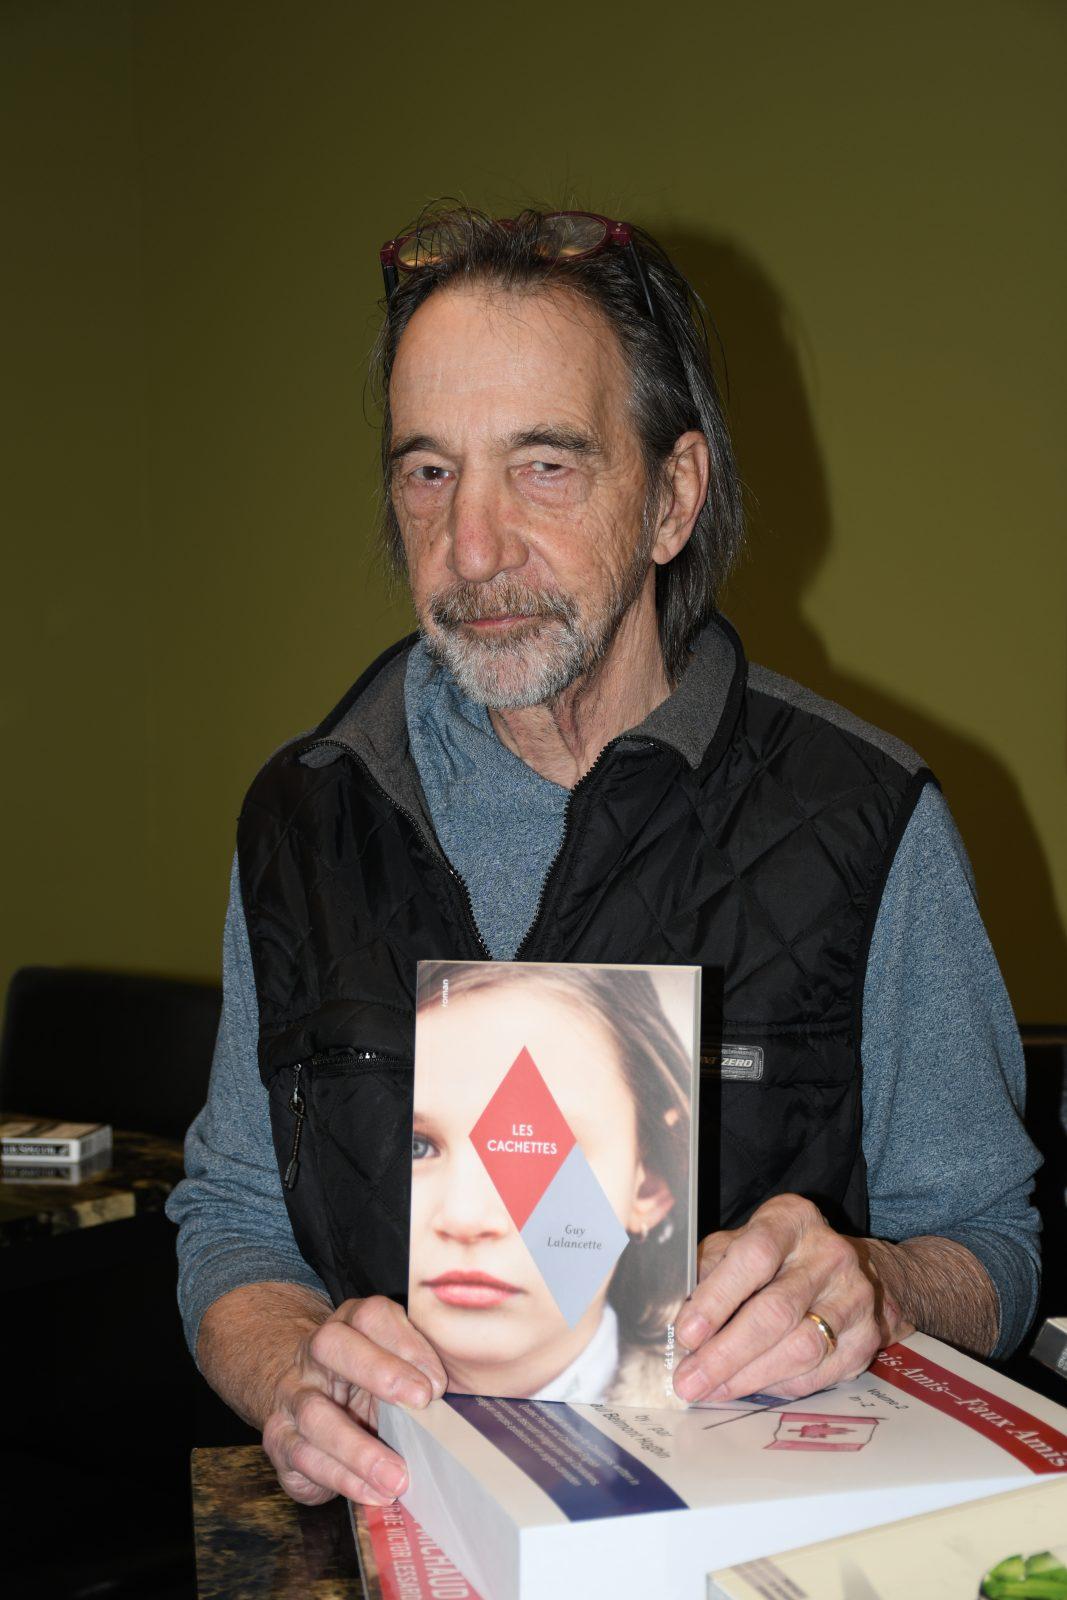 Guy Lalancette publie son septième livre